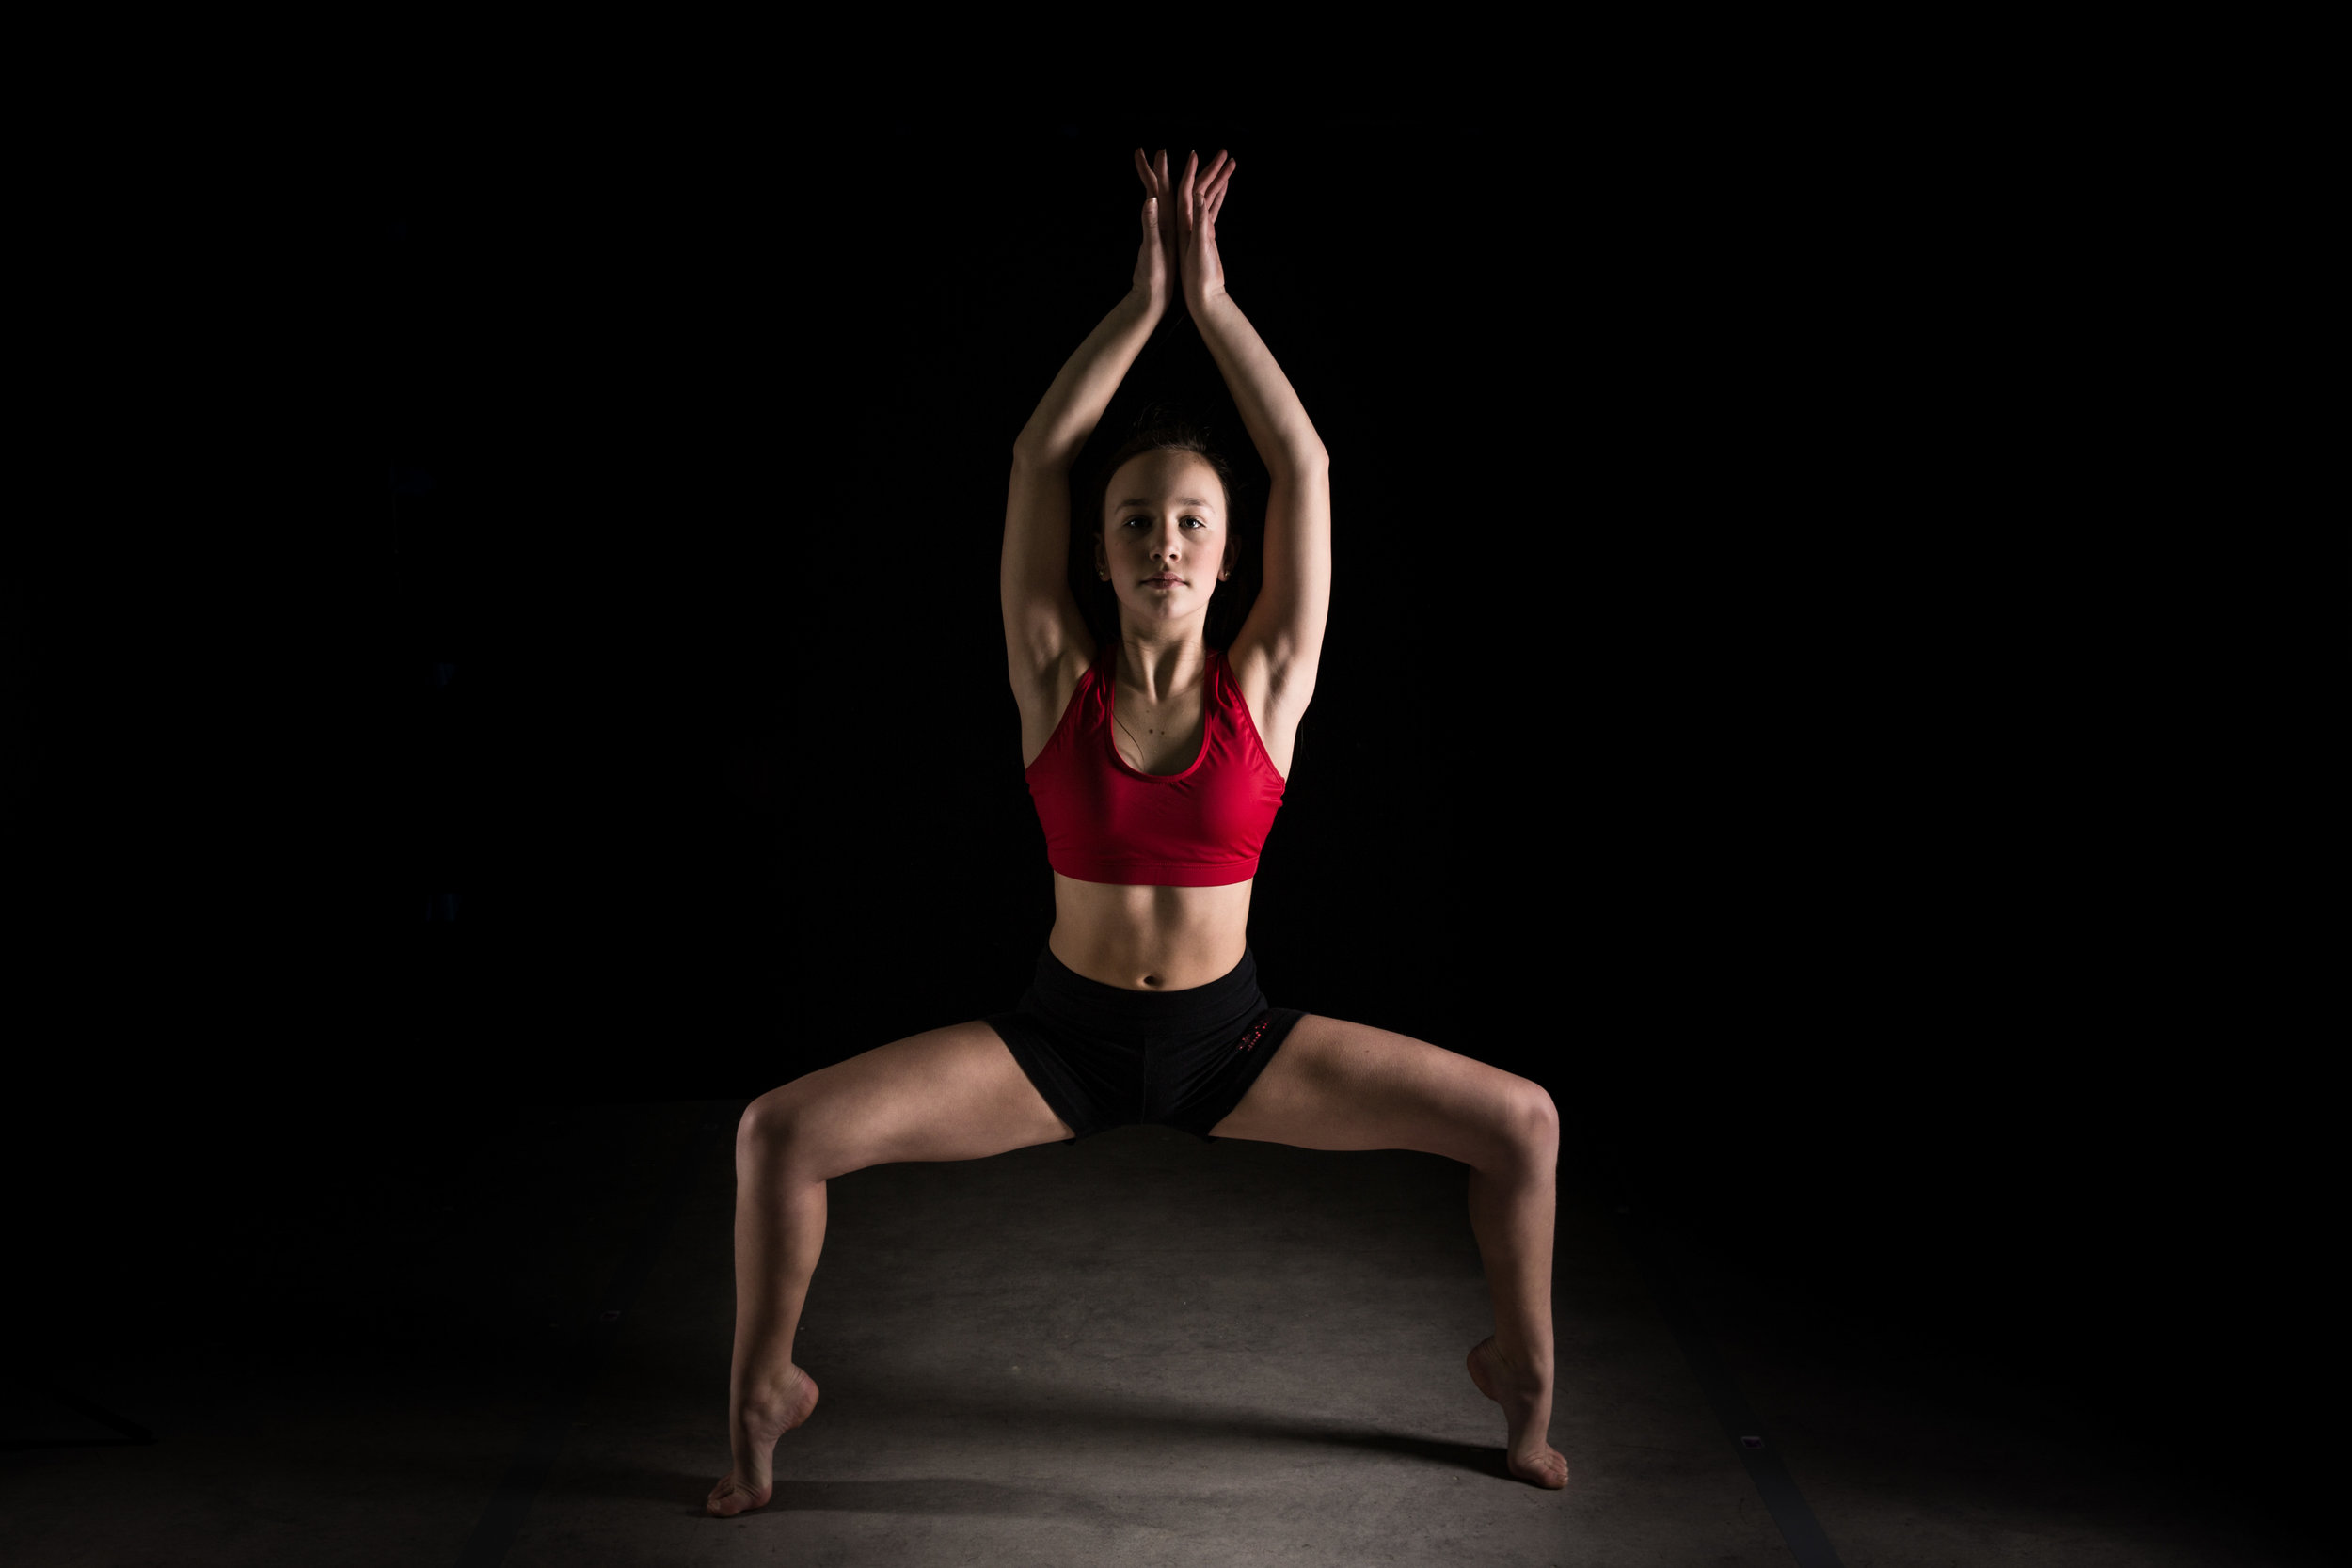 LR_Express_Dancer_Series-4.jpg